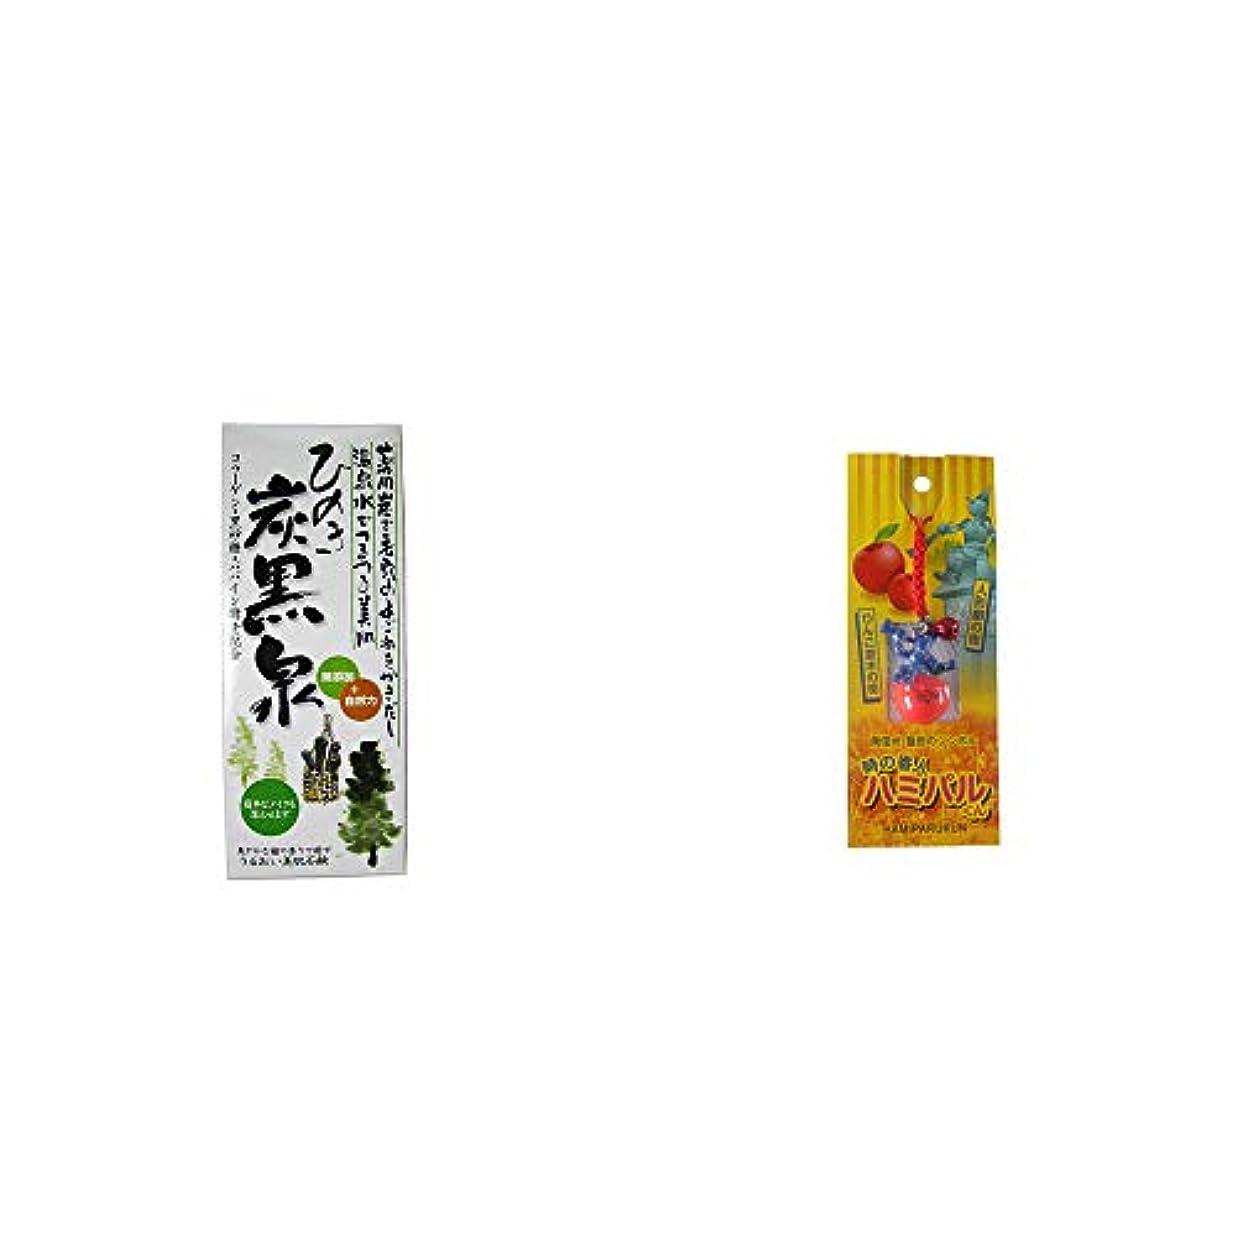 練習した告白郡[2点セット] ひのき炭黒泉 箱入り(75g×3)?信州?飯田のシンボル 時の番人ハミパルくんストラップ